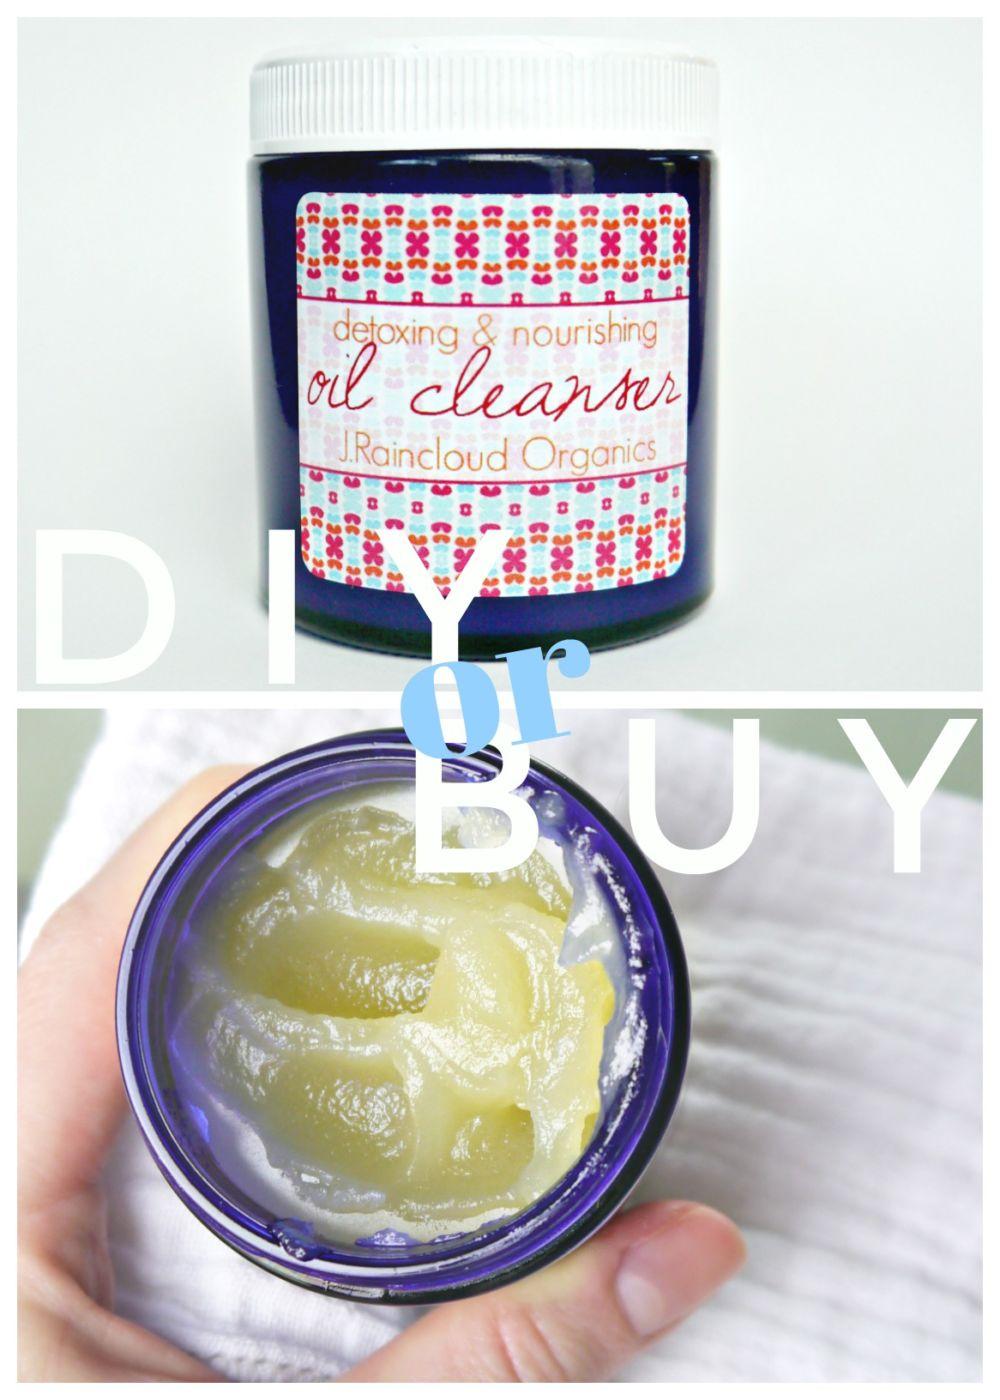 DIY or BUY Detox Oil Cleanser